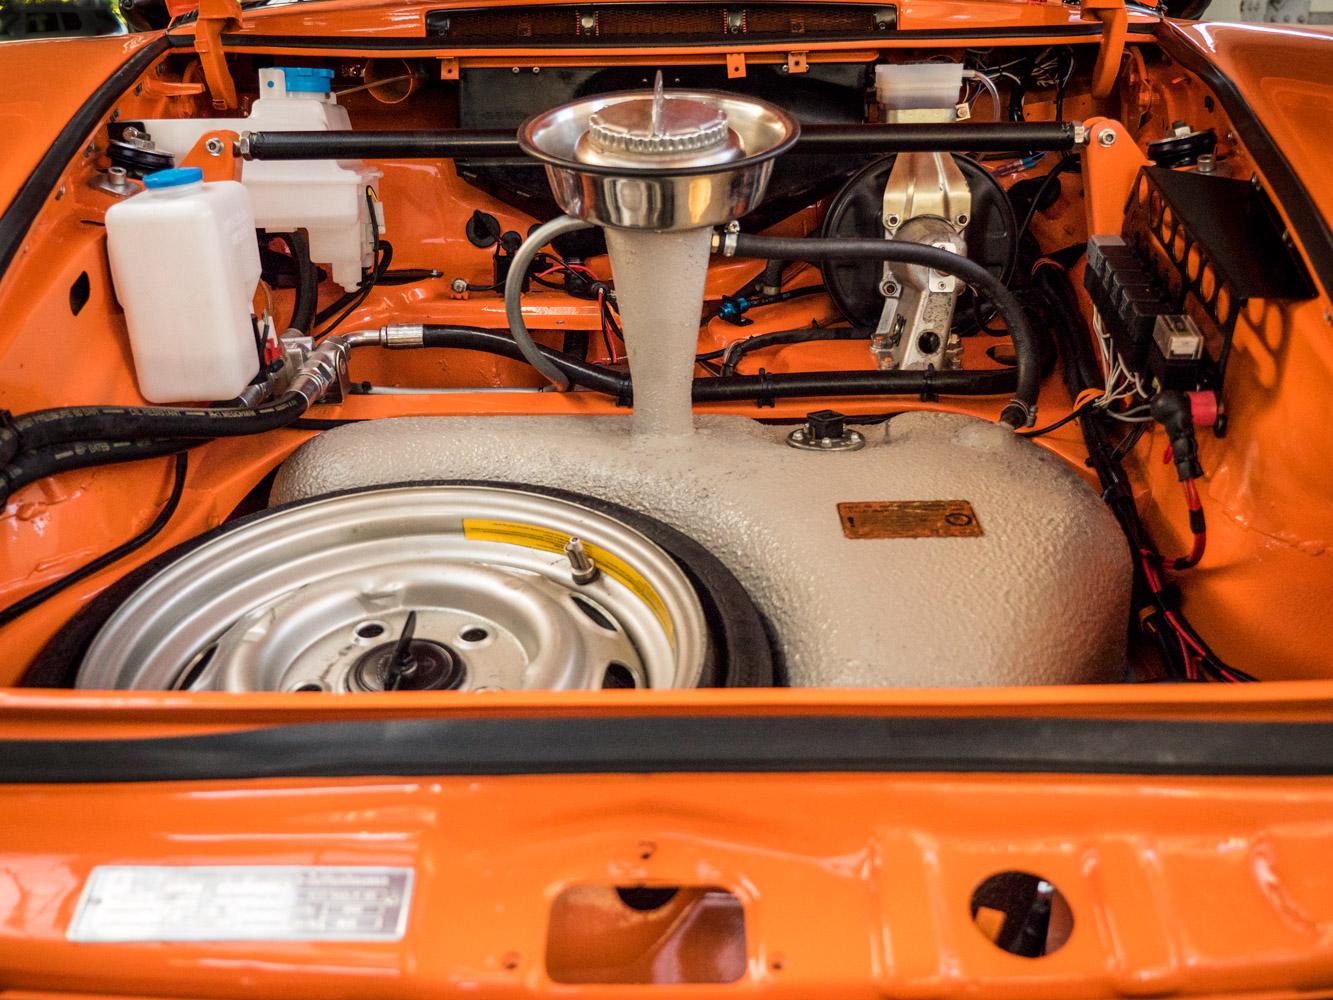 1969 Porsche 911 Carrera - 22.jpg.jpg